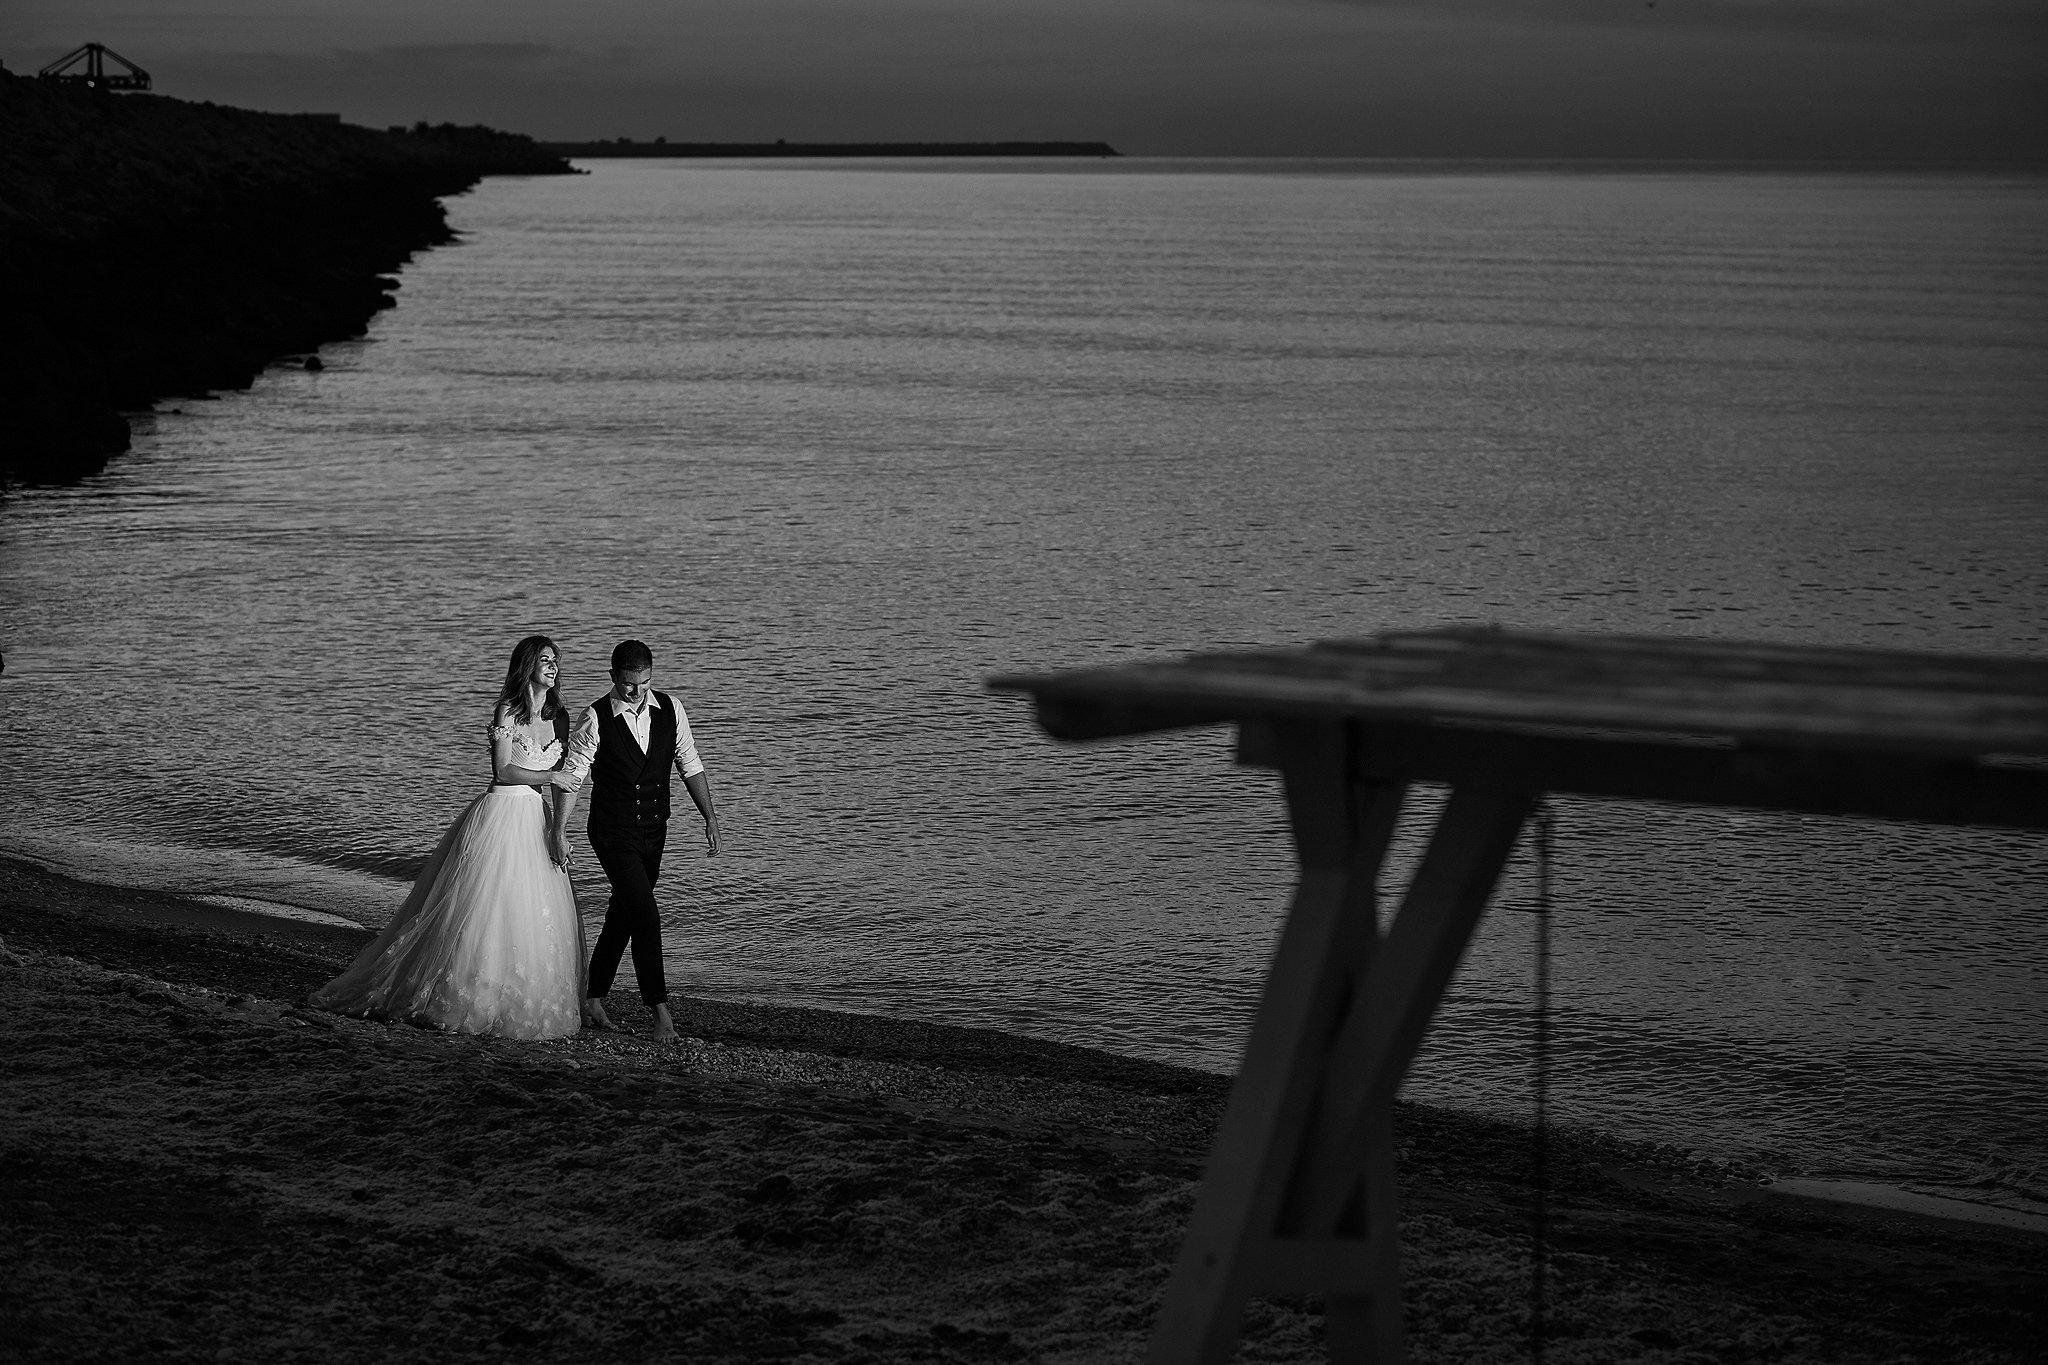 fotograf nunta constanta 2